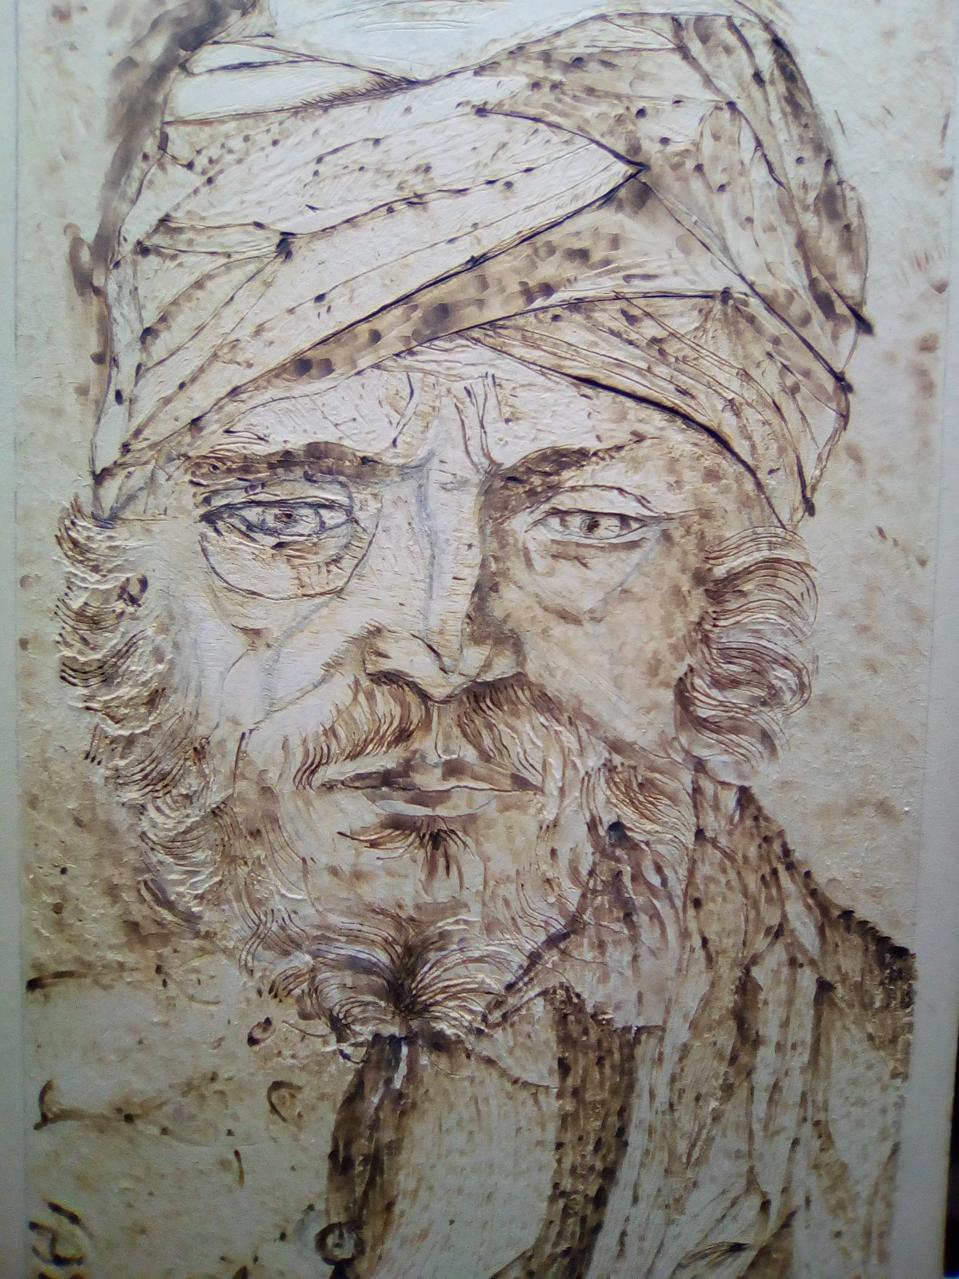 Giovanni Bellini / Ritratto di uomo con turbante Illust of Grandicelli Susanna MasterpieceFanart fan fanart ritratto art